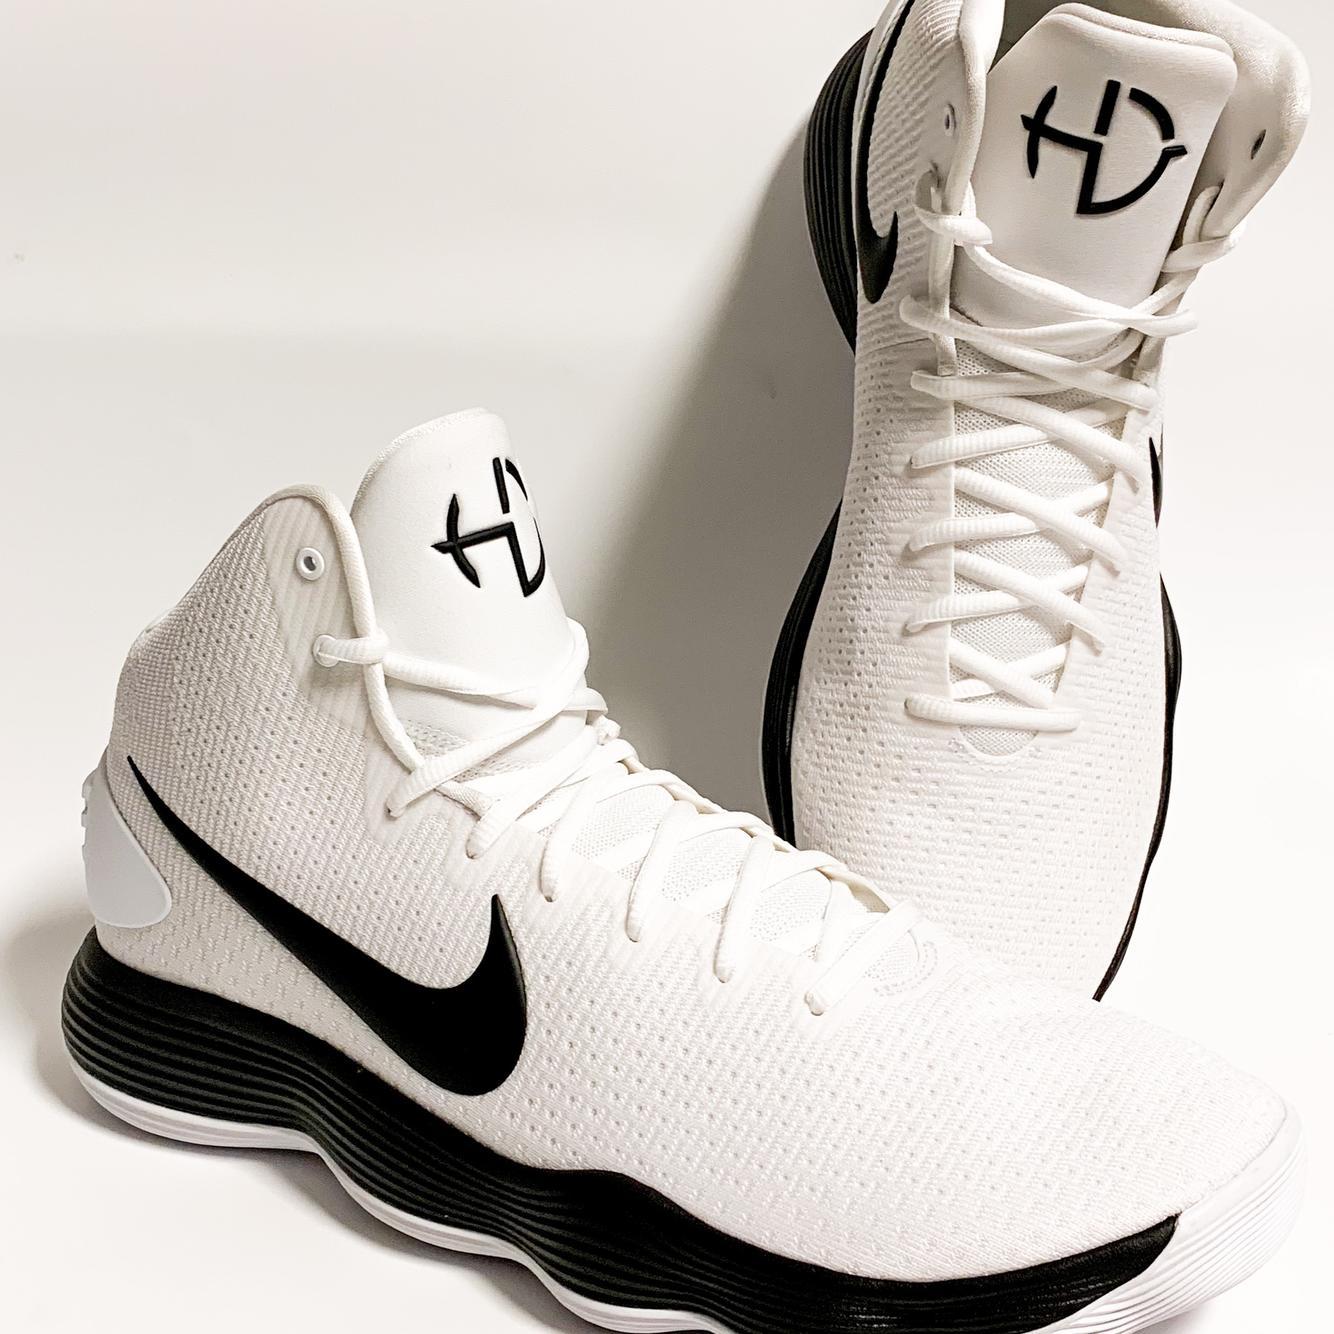 Nike Mens Hyperdunk 2017 White Black